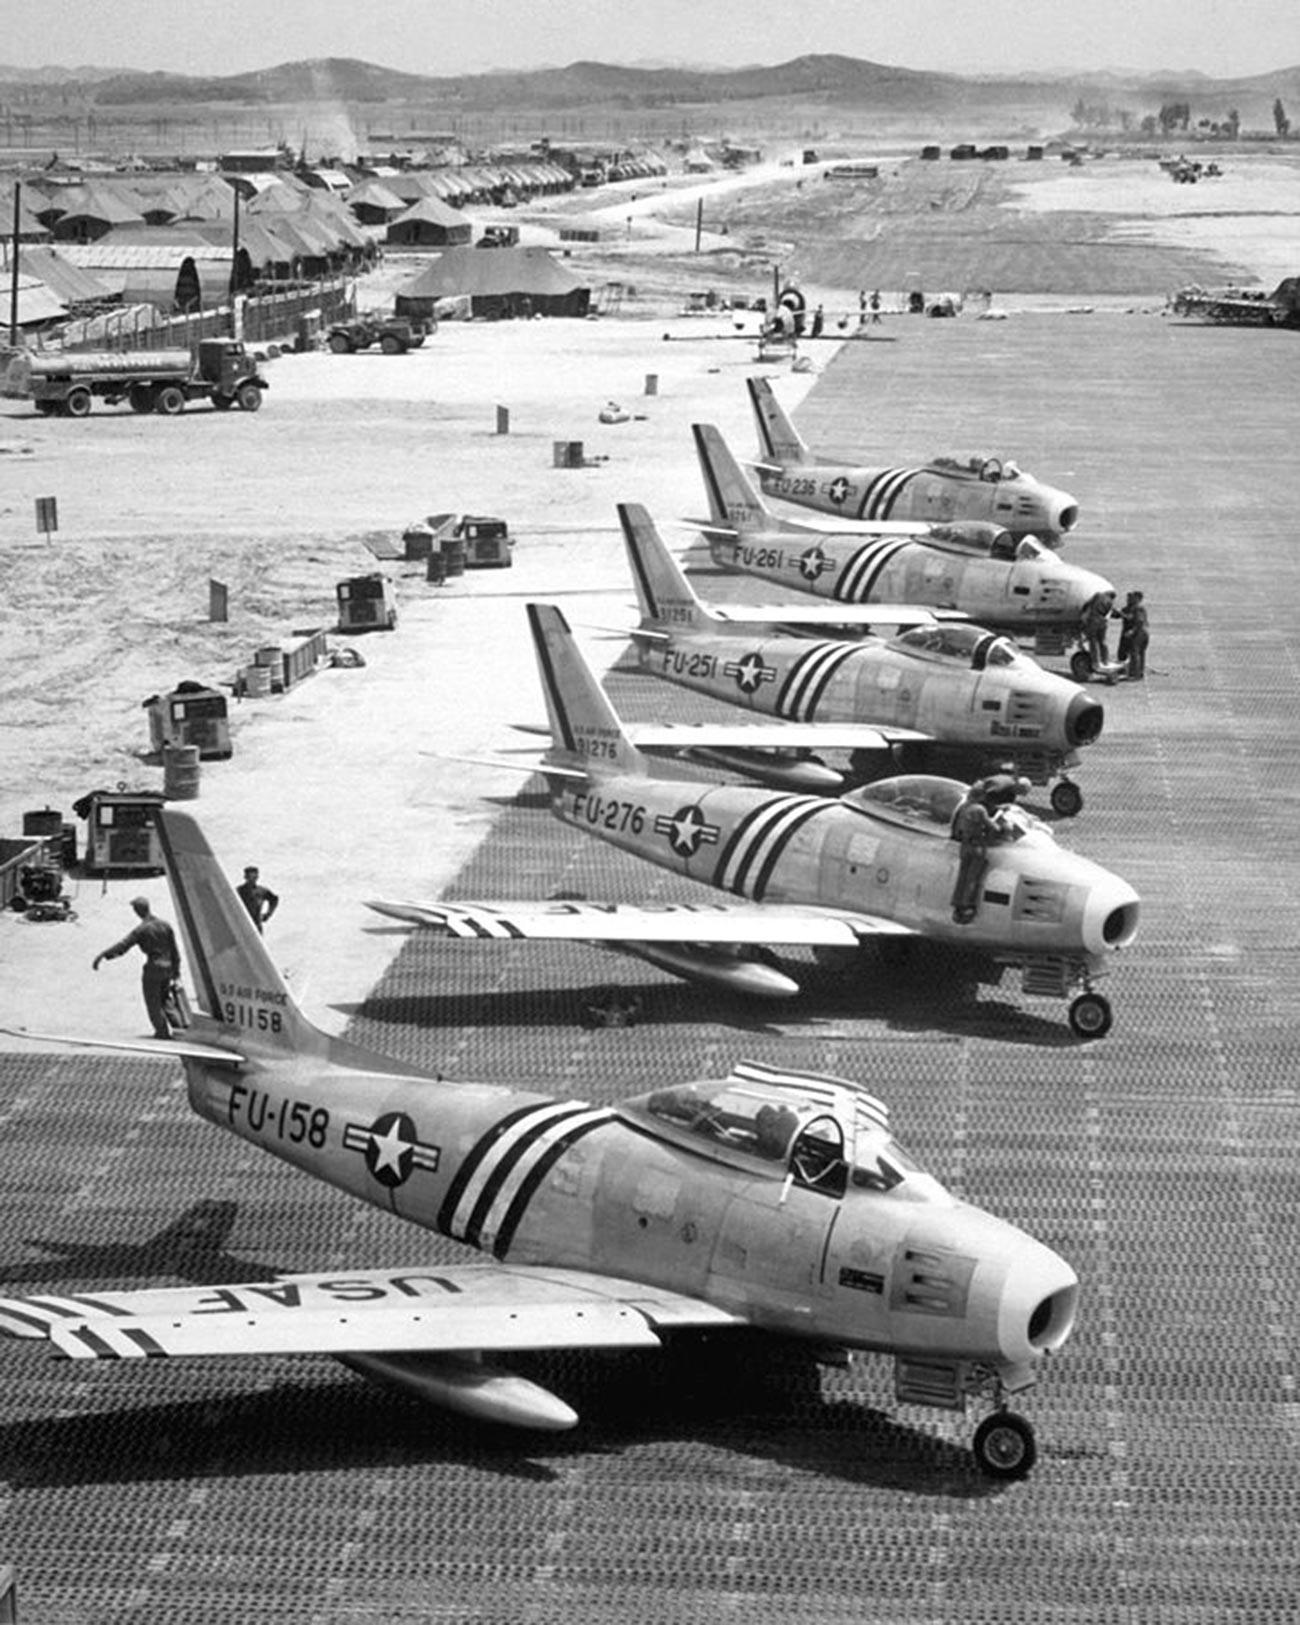 Lovci F-86 Sabre, pripravljeni za spopad